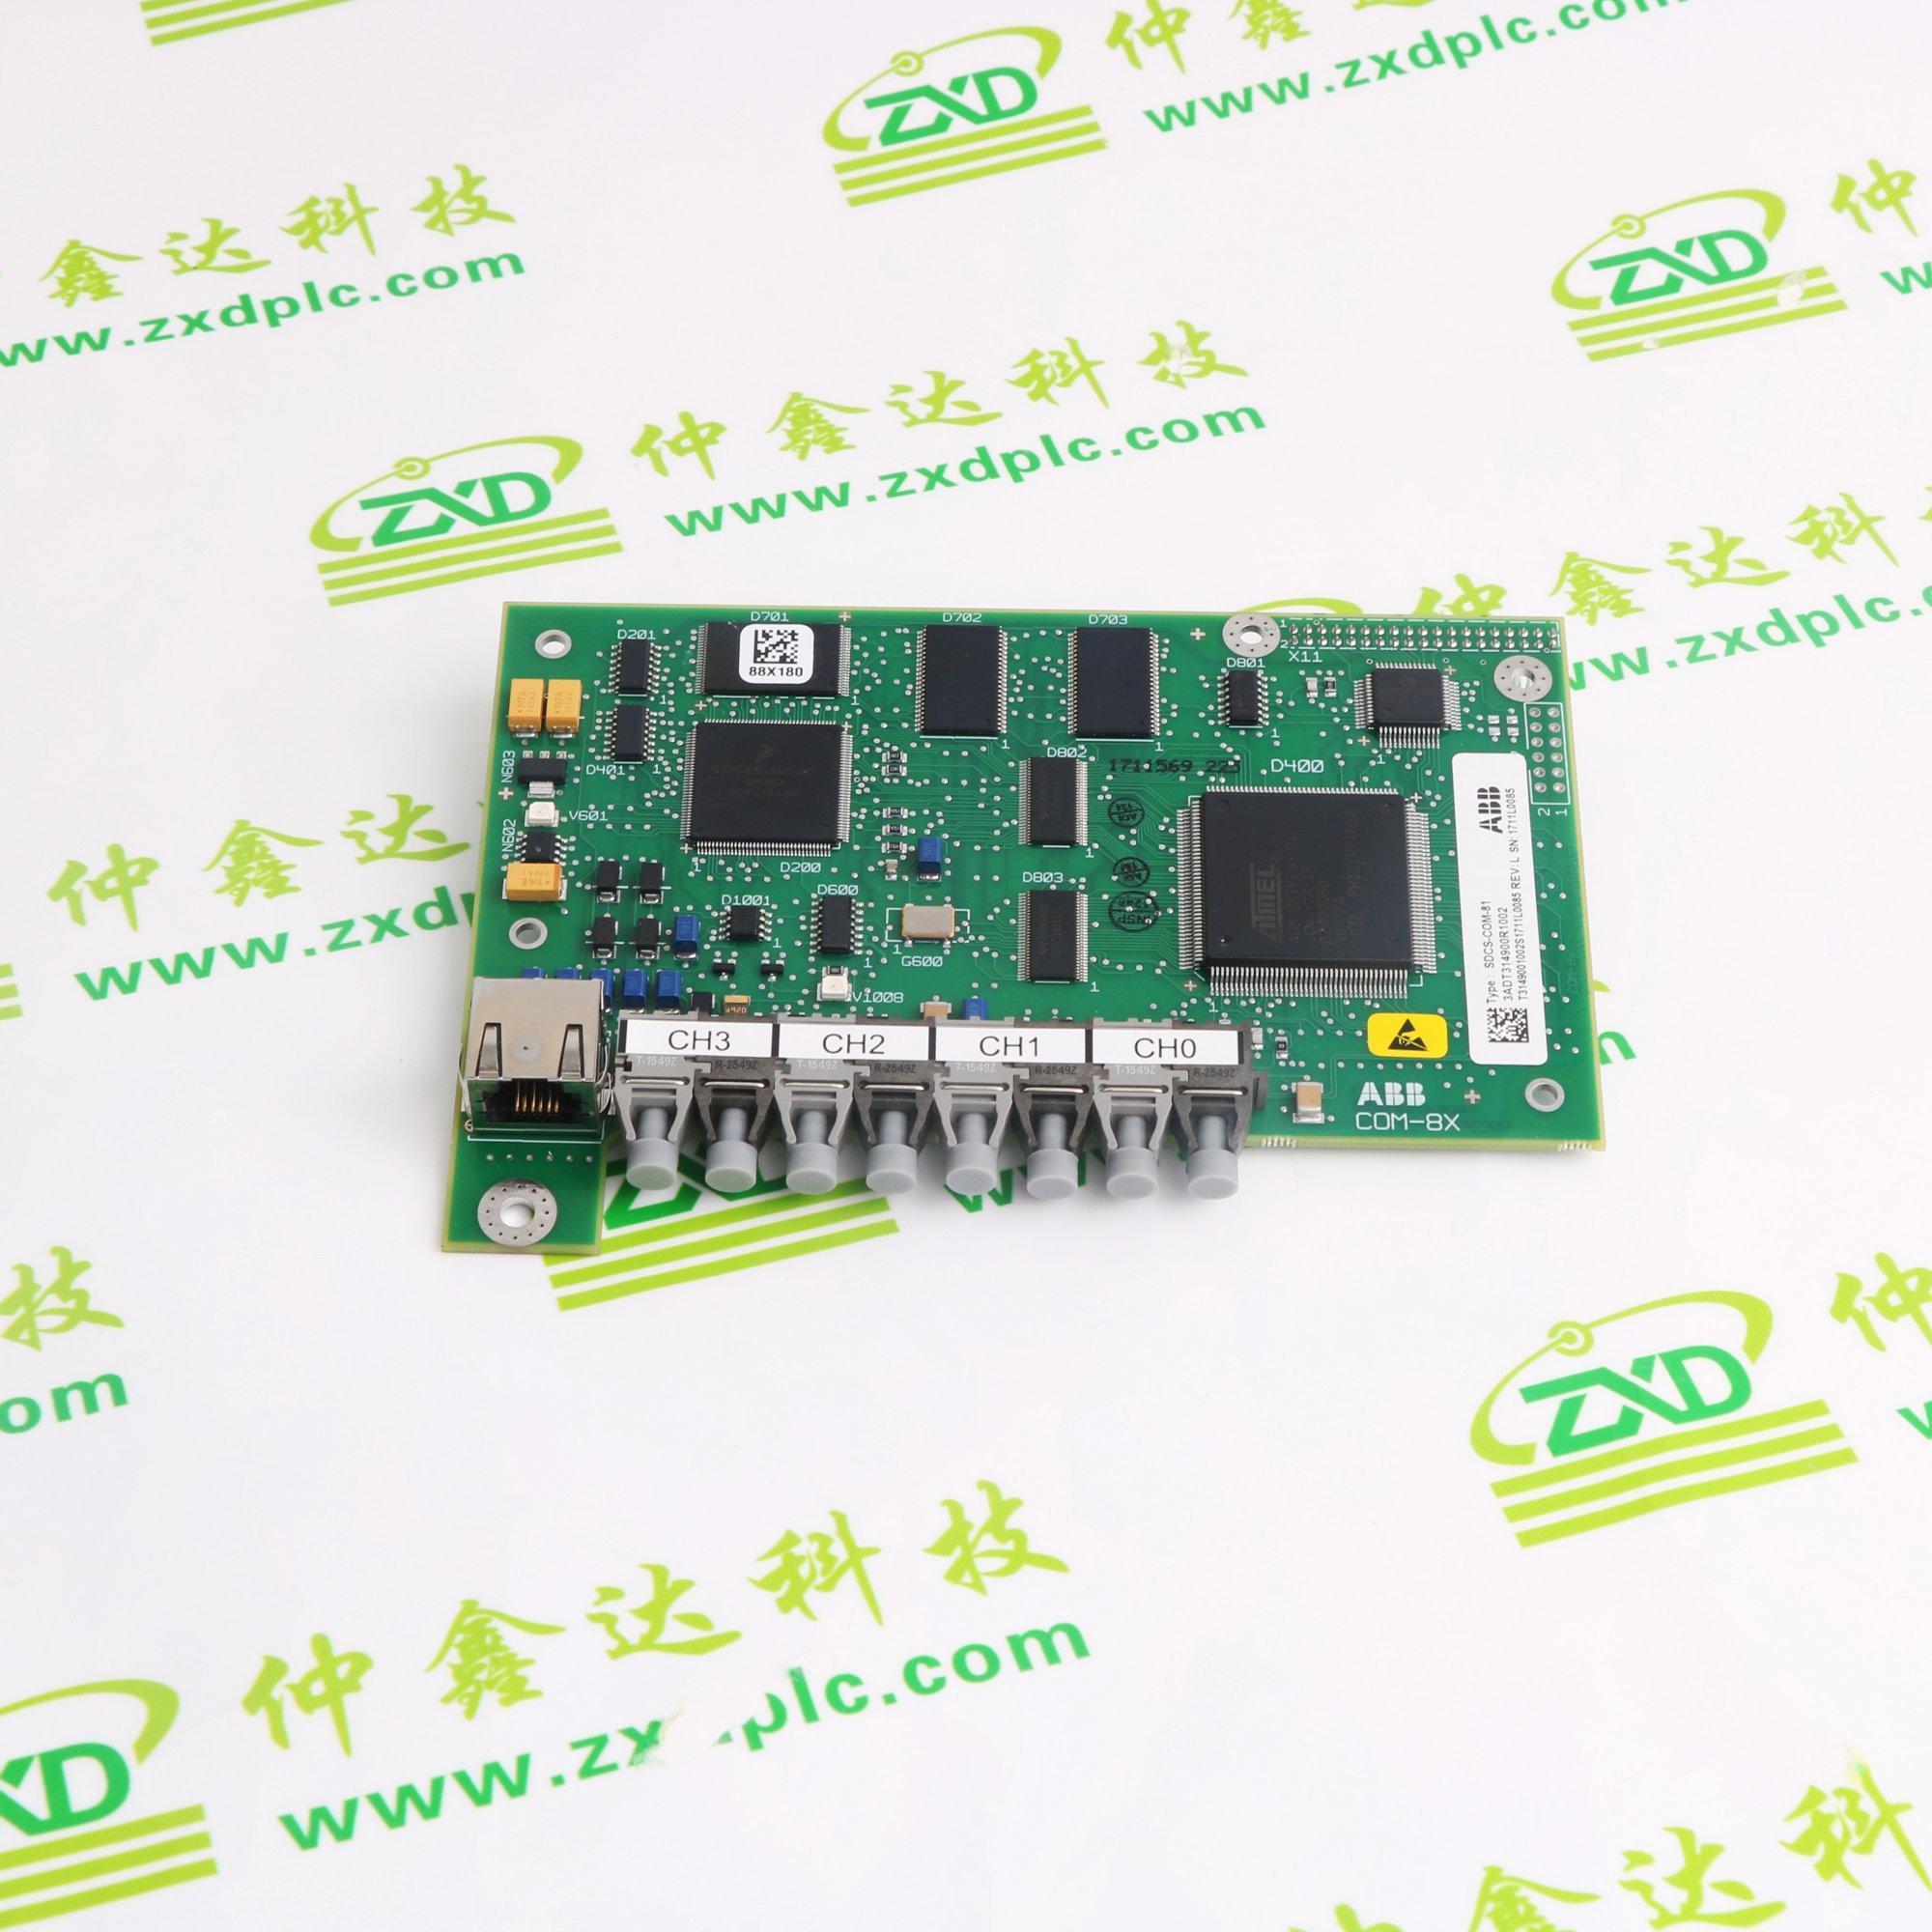 供应IC200CPUE05